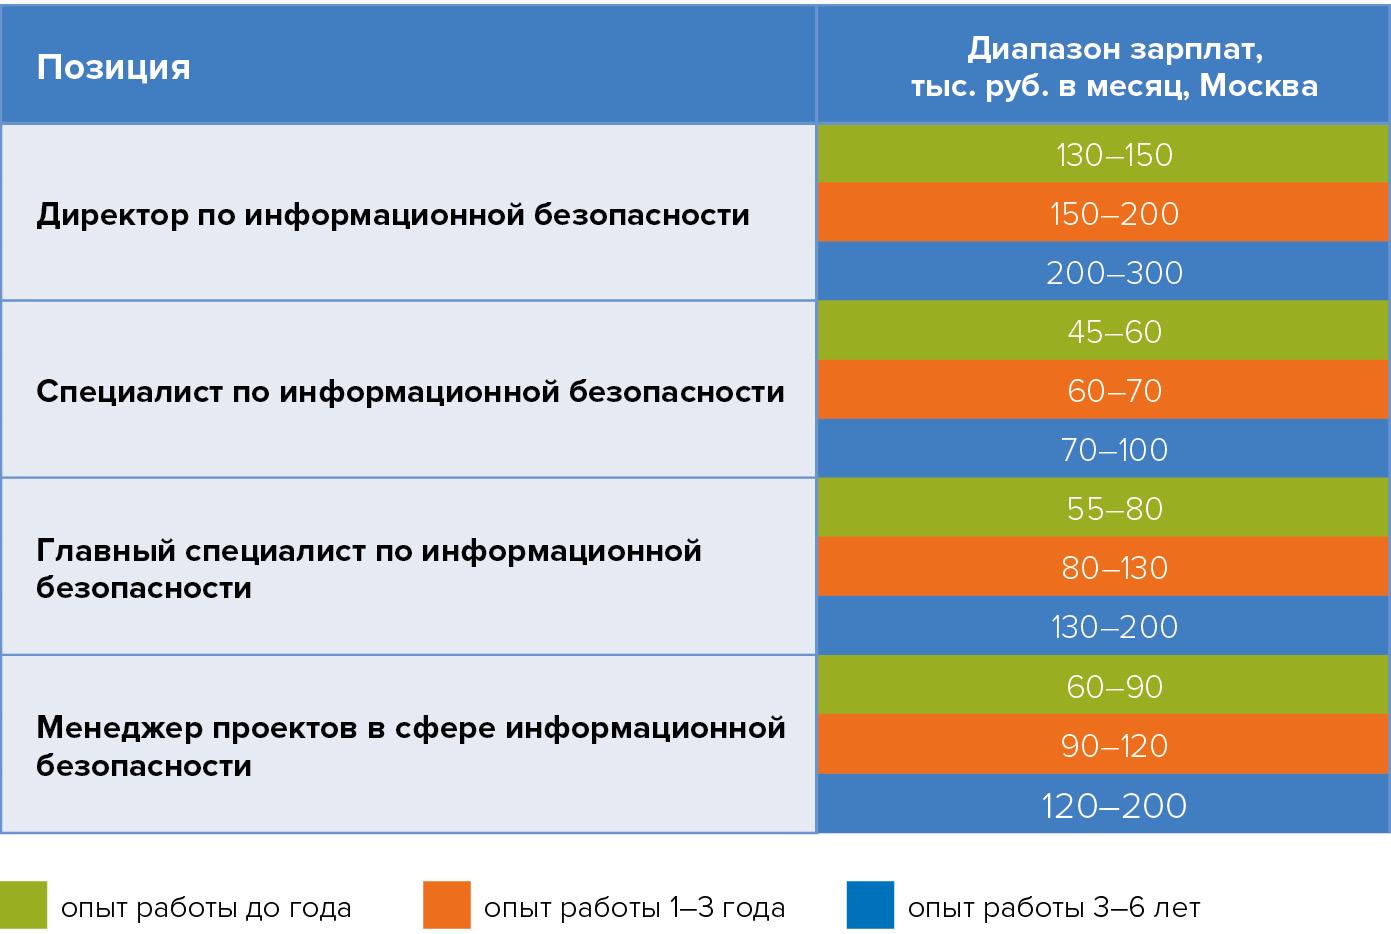 Диапазон предлагаемых зарплат для различных специалистов в области информационной безопастности ЦОДов по Москве